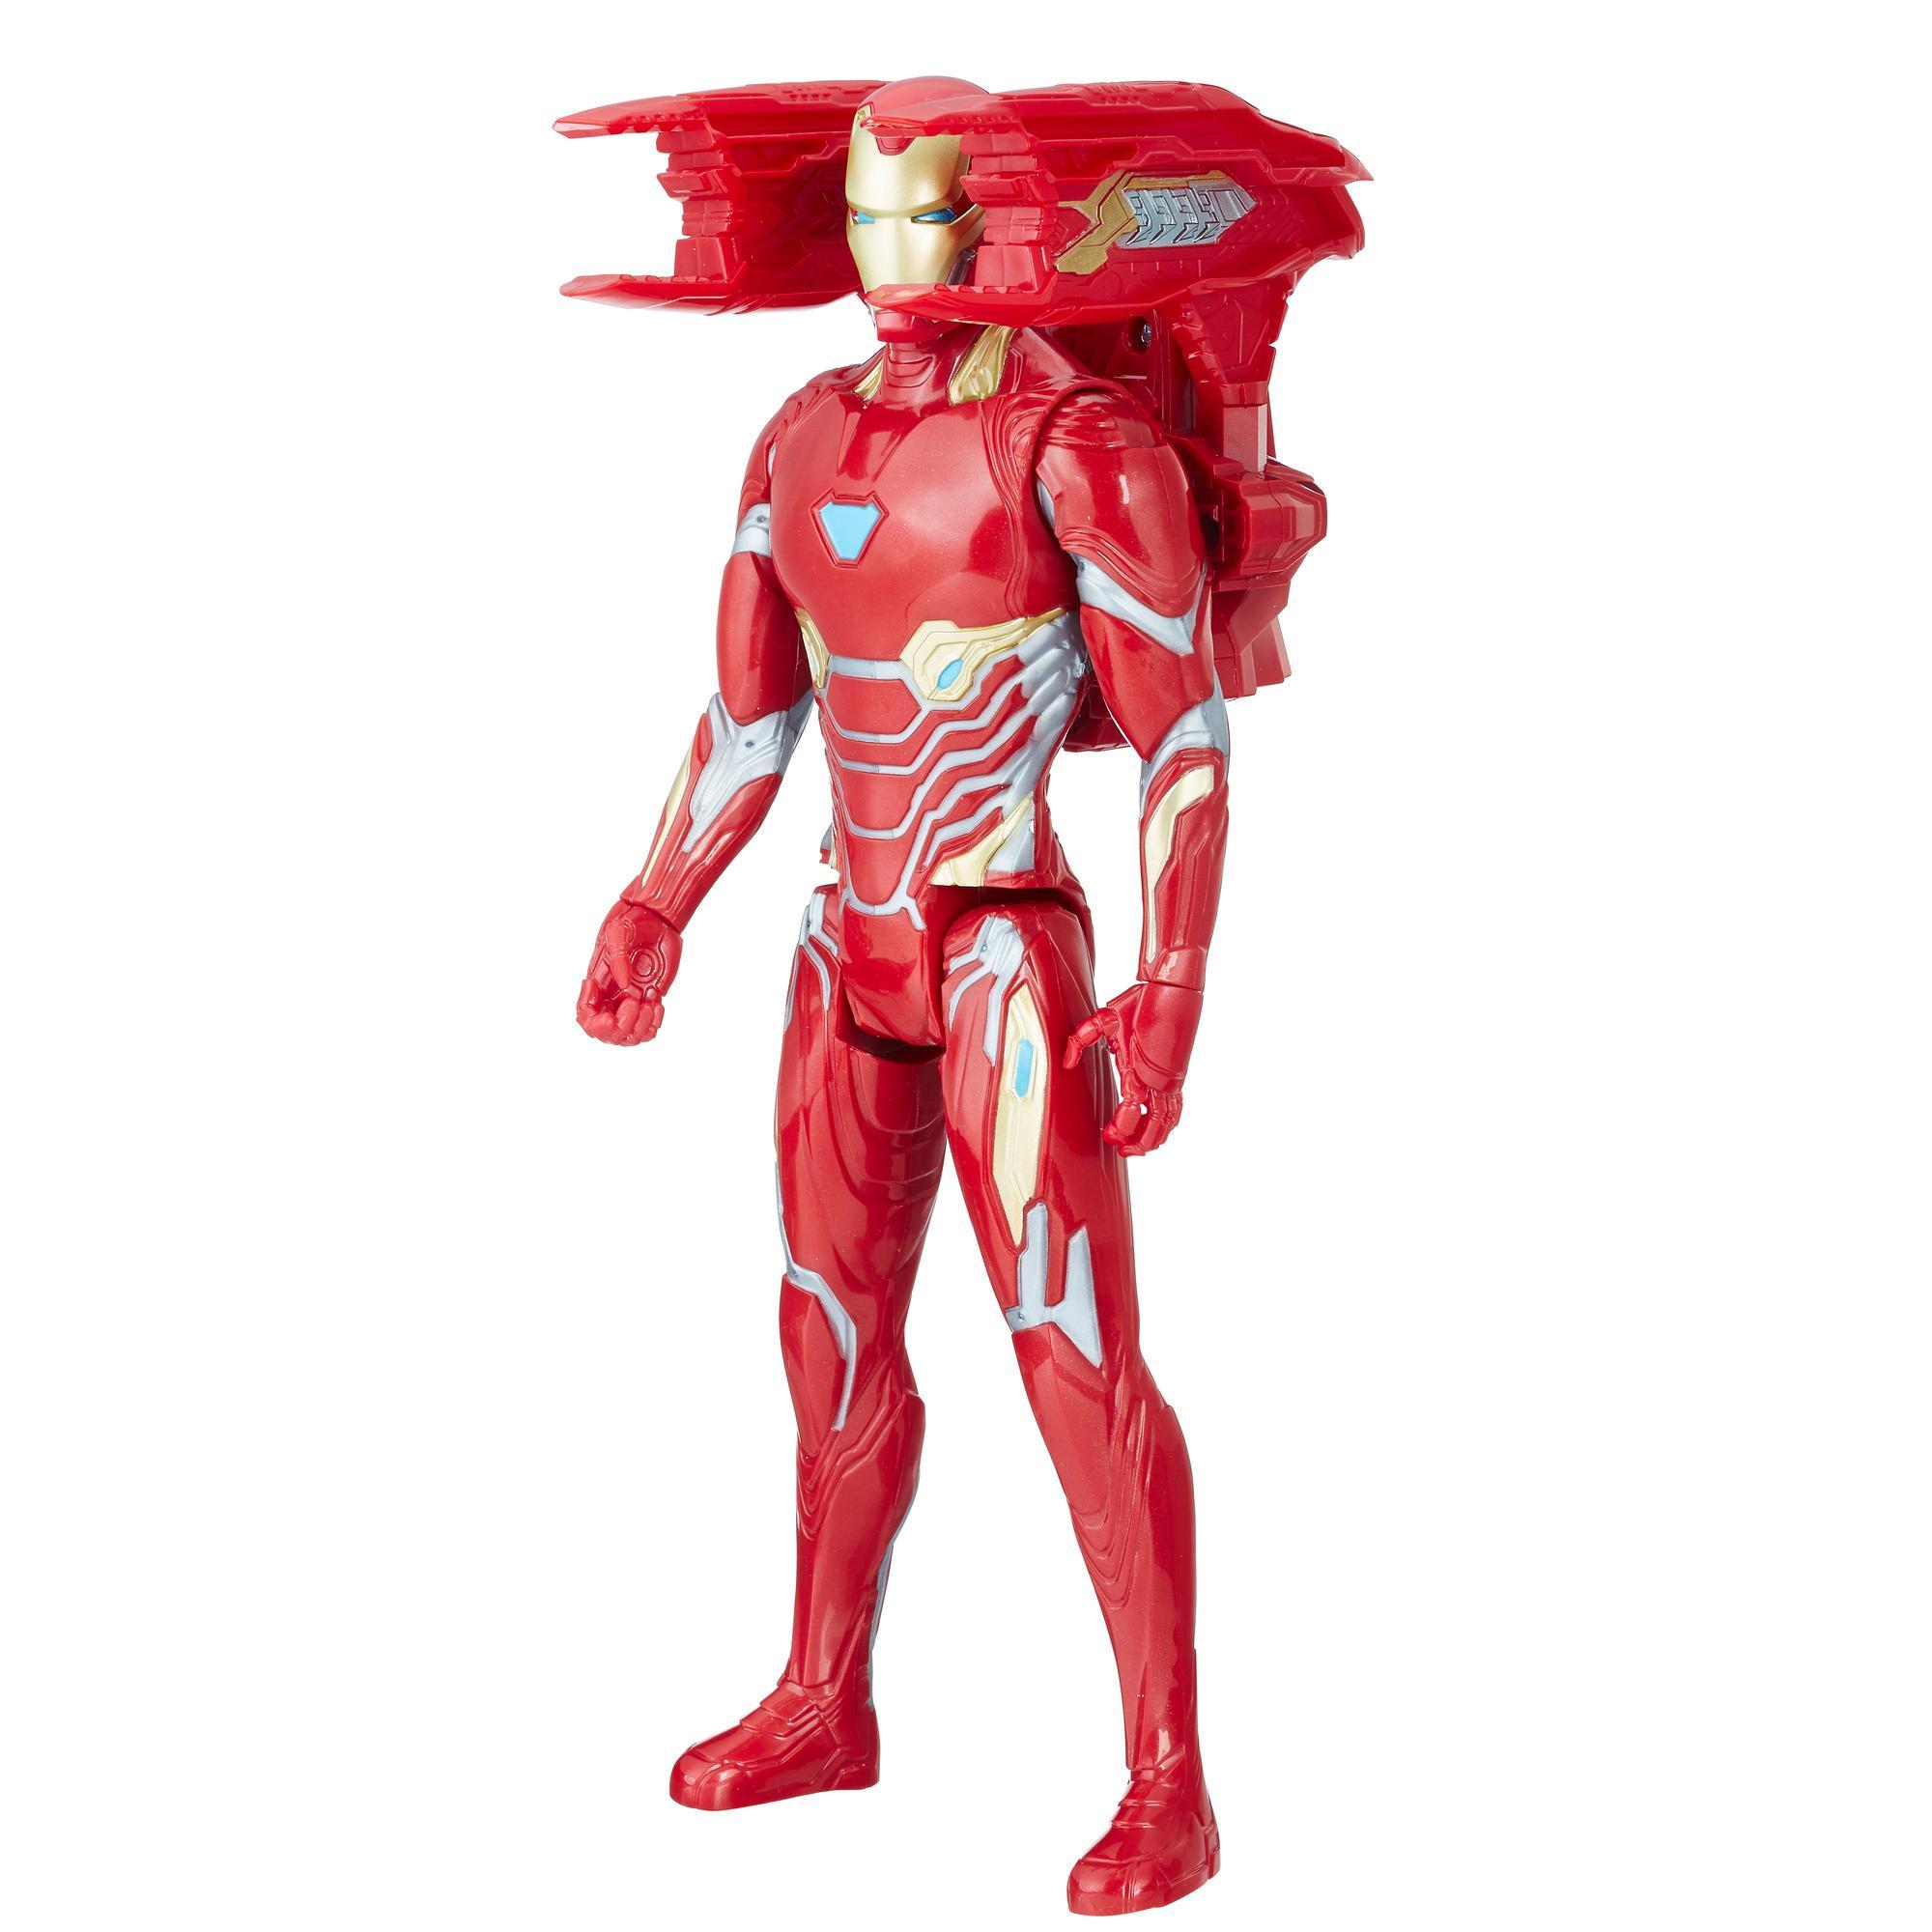 TITAN Y MOCHILA POWER FX IRON-MAN